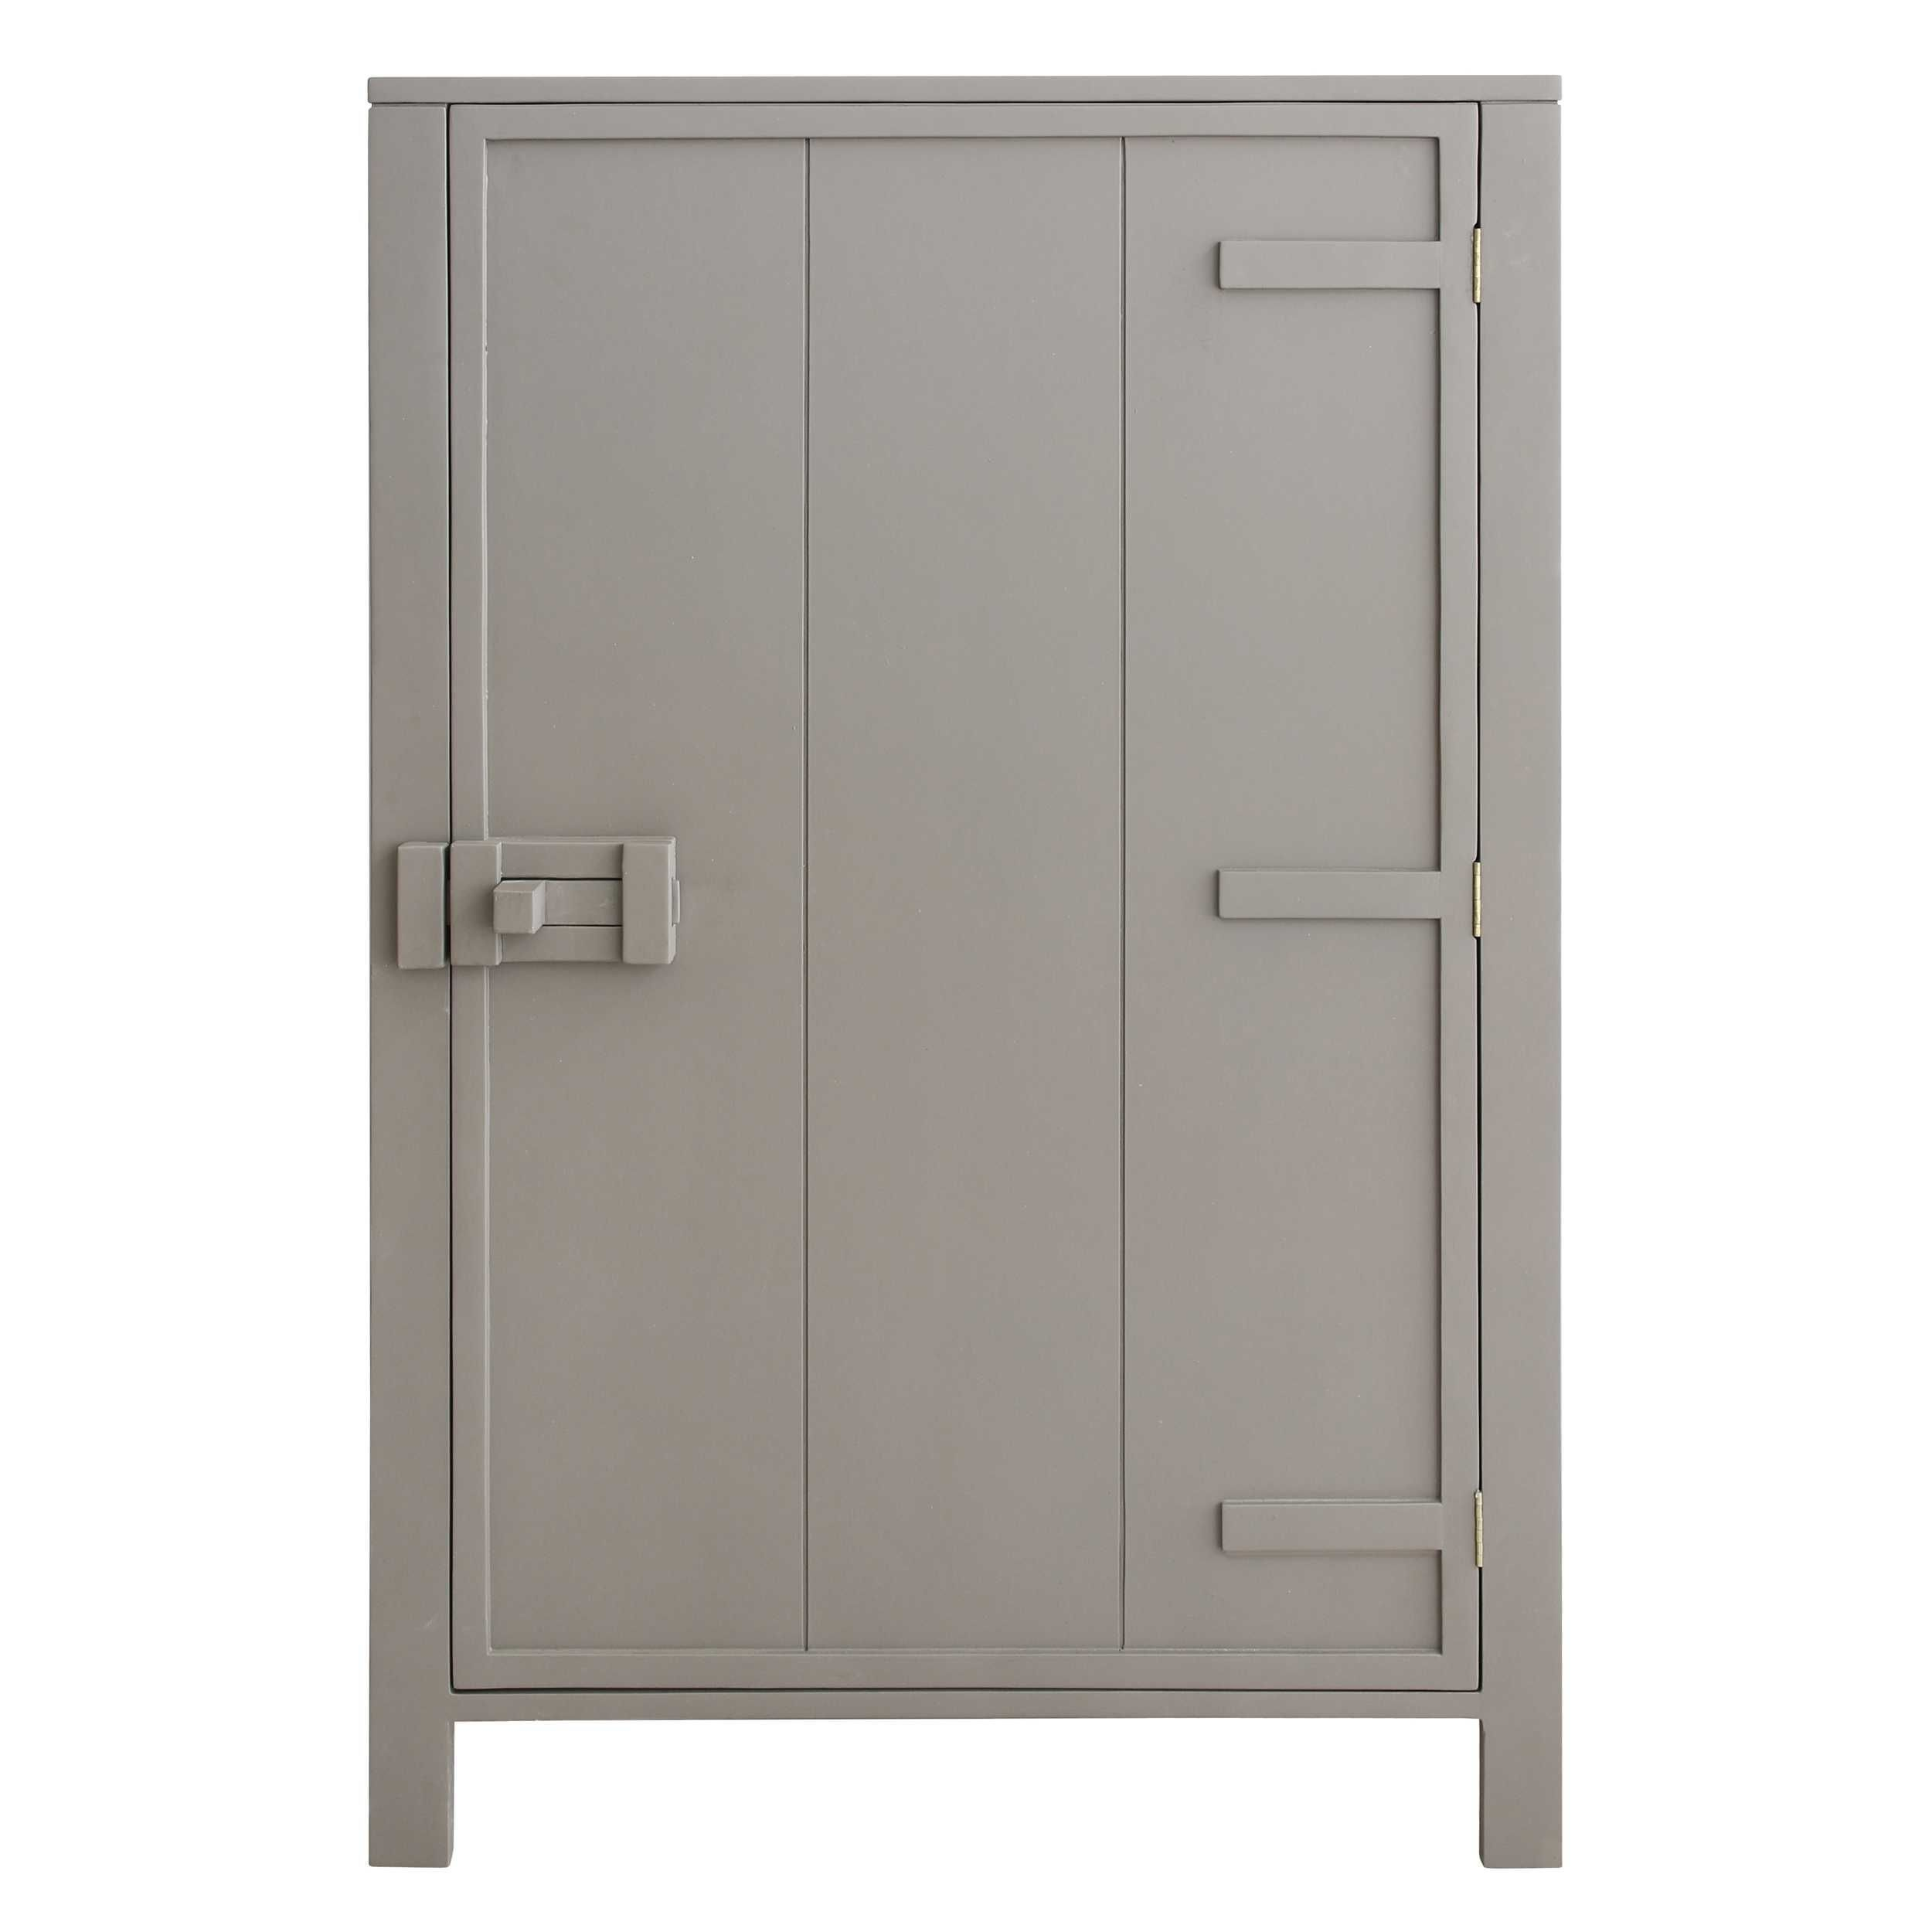 HKliving Single Door opbergkast